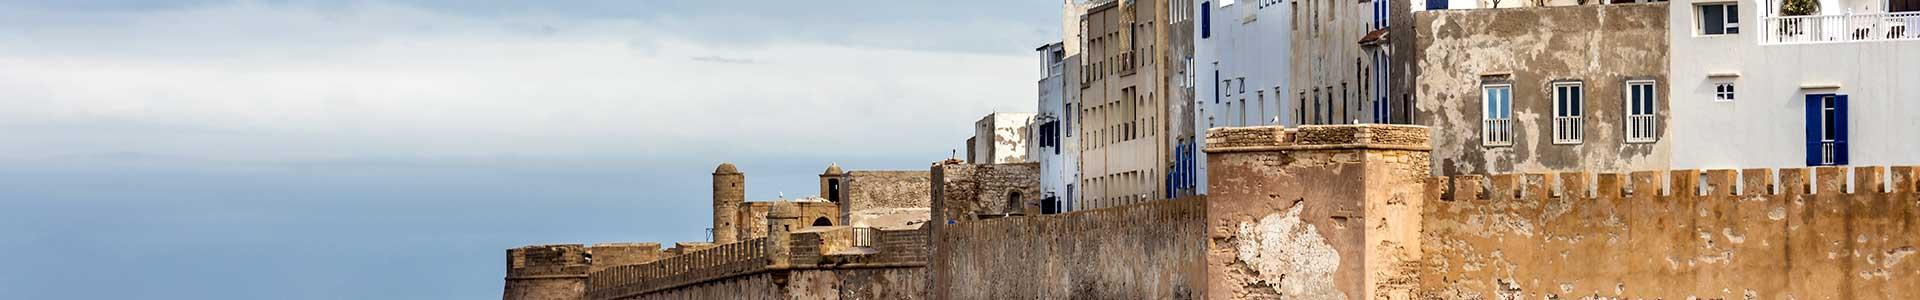 Voyage Essaouira - TUI